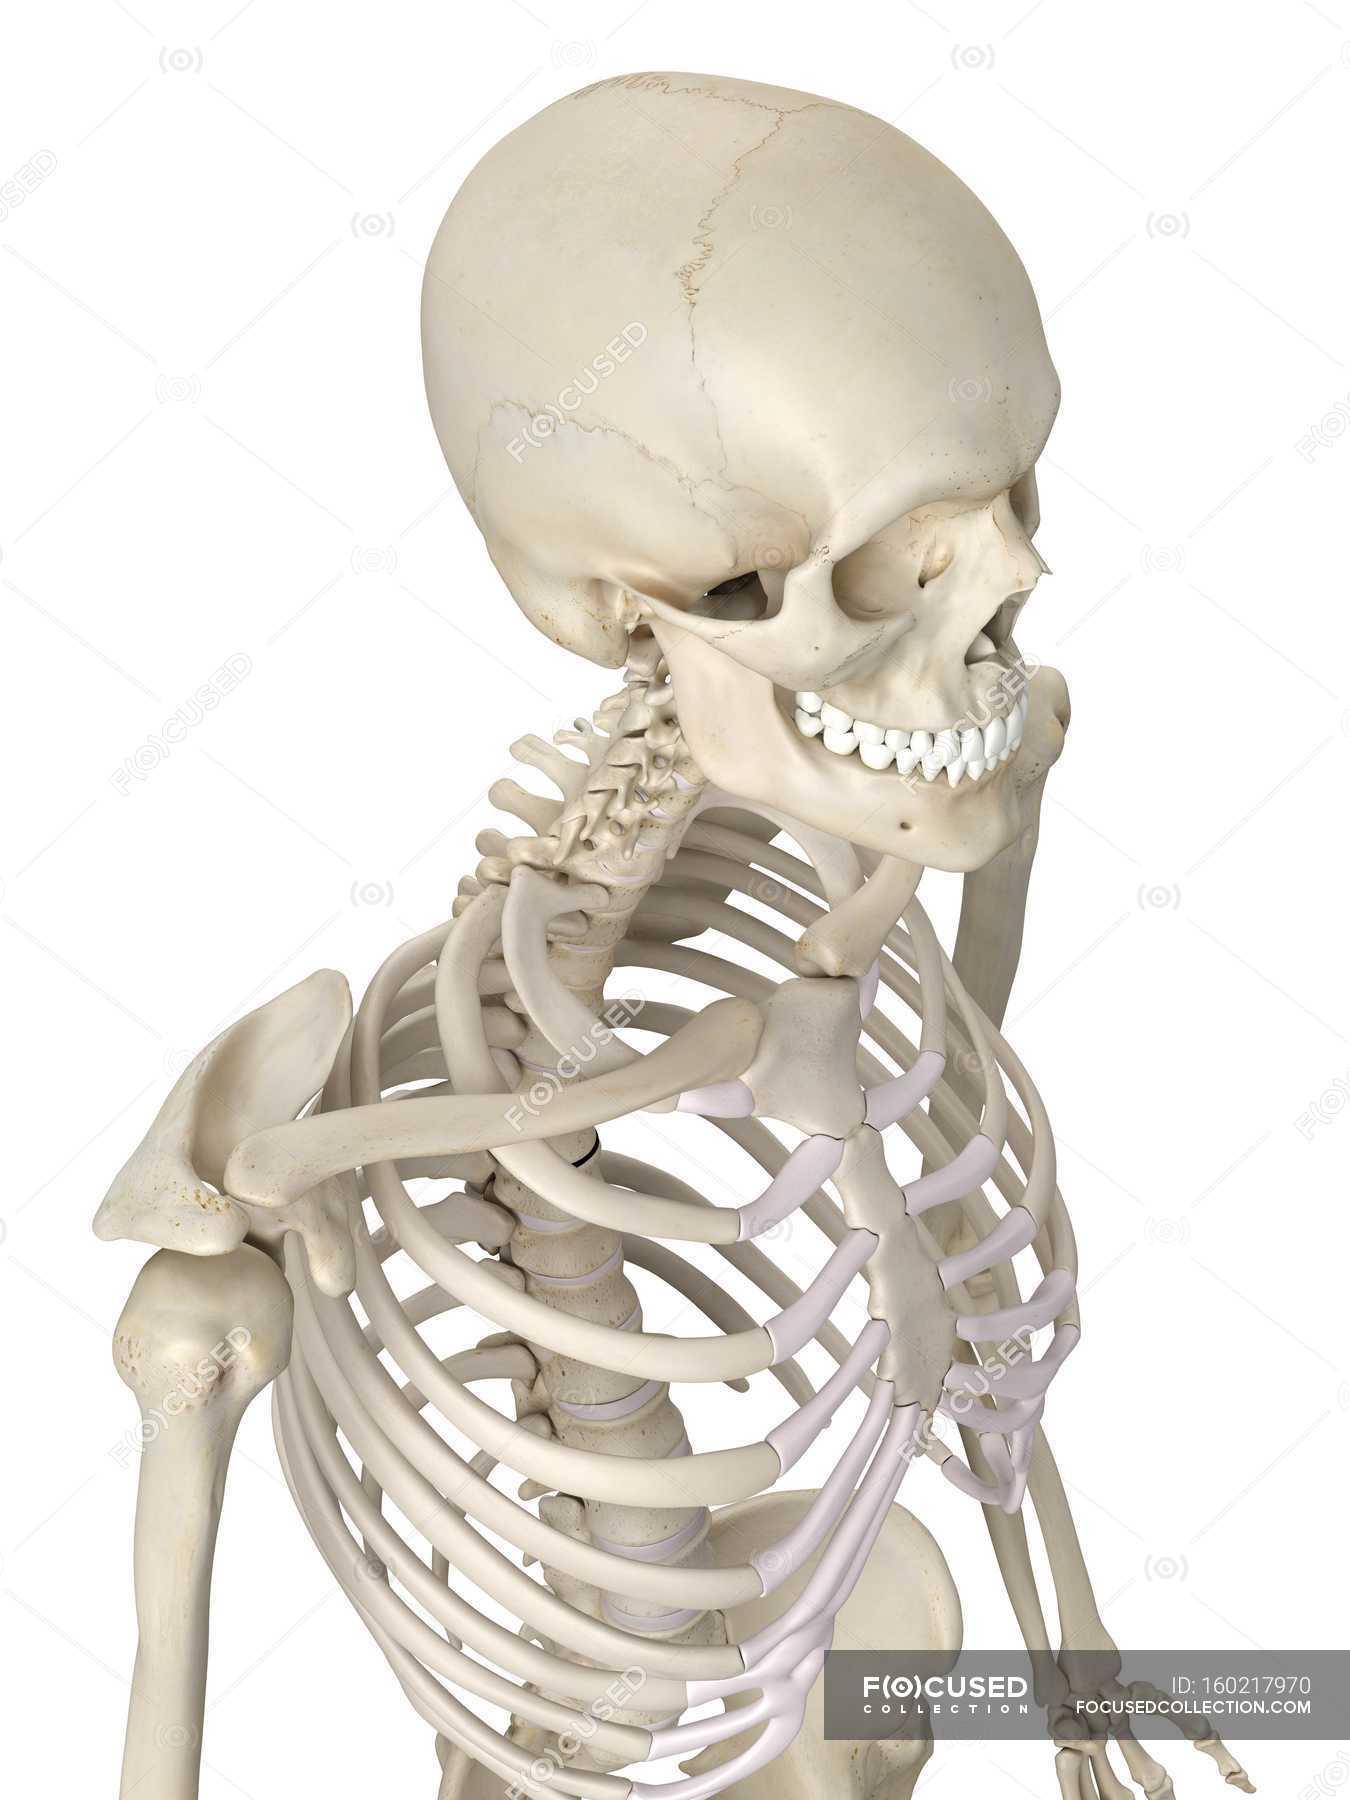 Anatomie der menschlichen Brustkorb — Stockfoto | #160217970